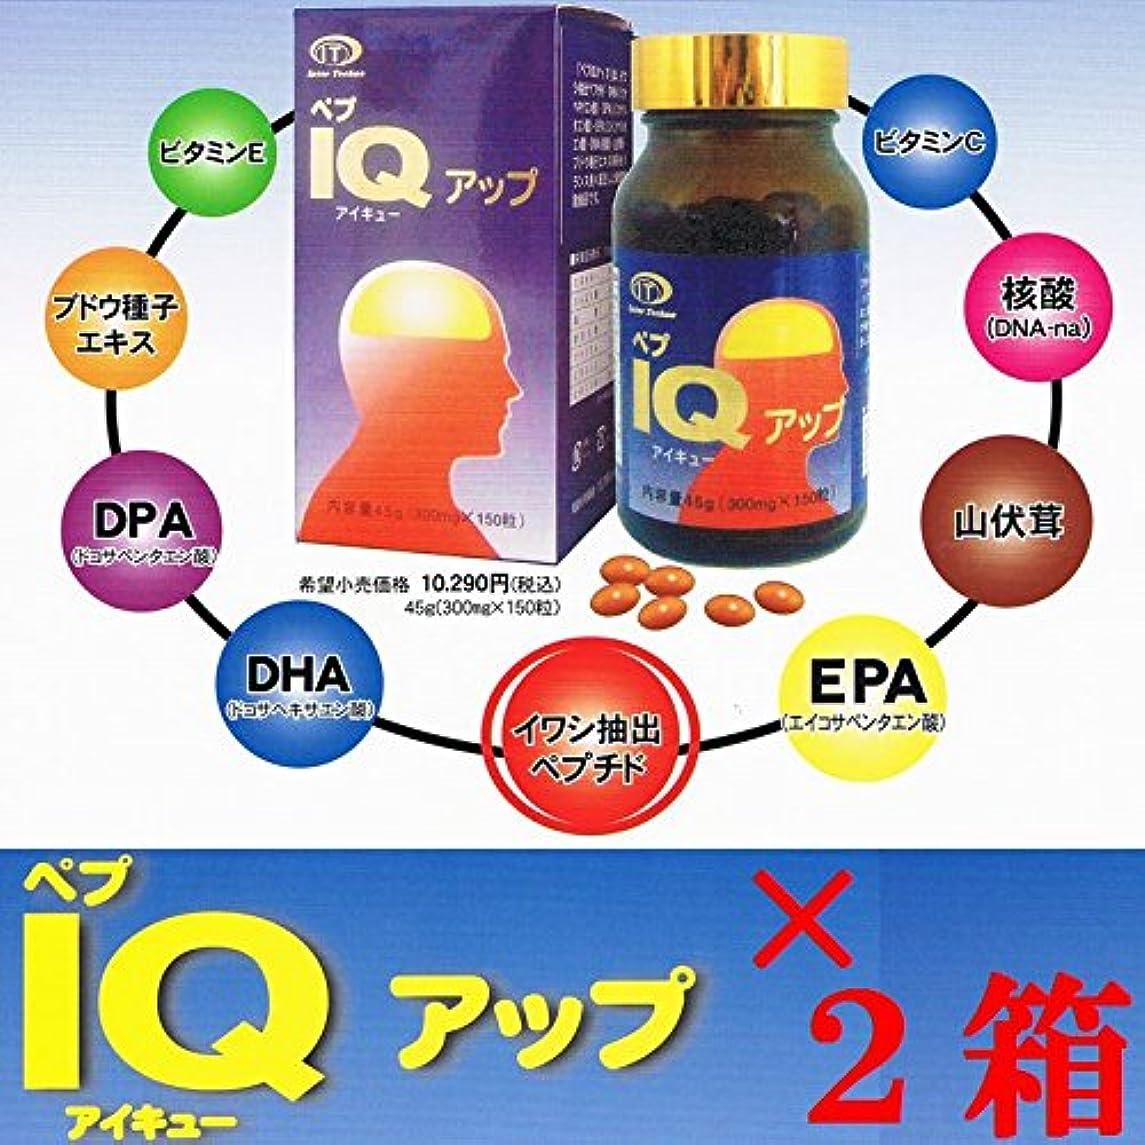 ターゲットスチュワーデスパキスタンペプIQアップ 150粒 ×お得2箱セット 《記憶?思考、DHA、EPA》